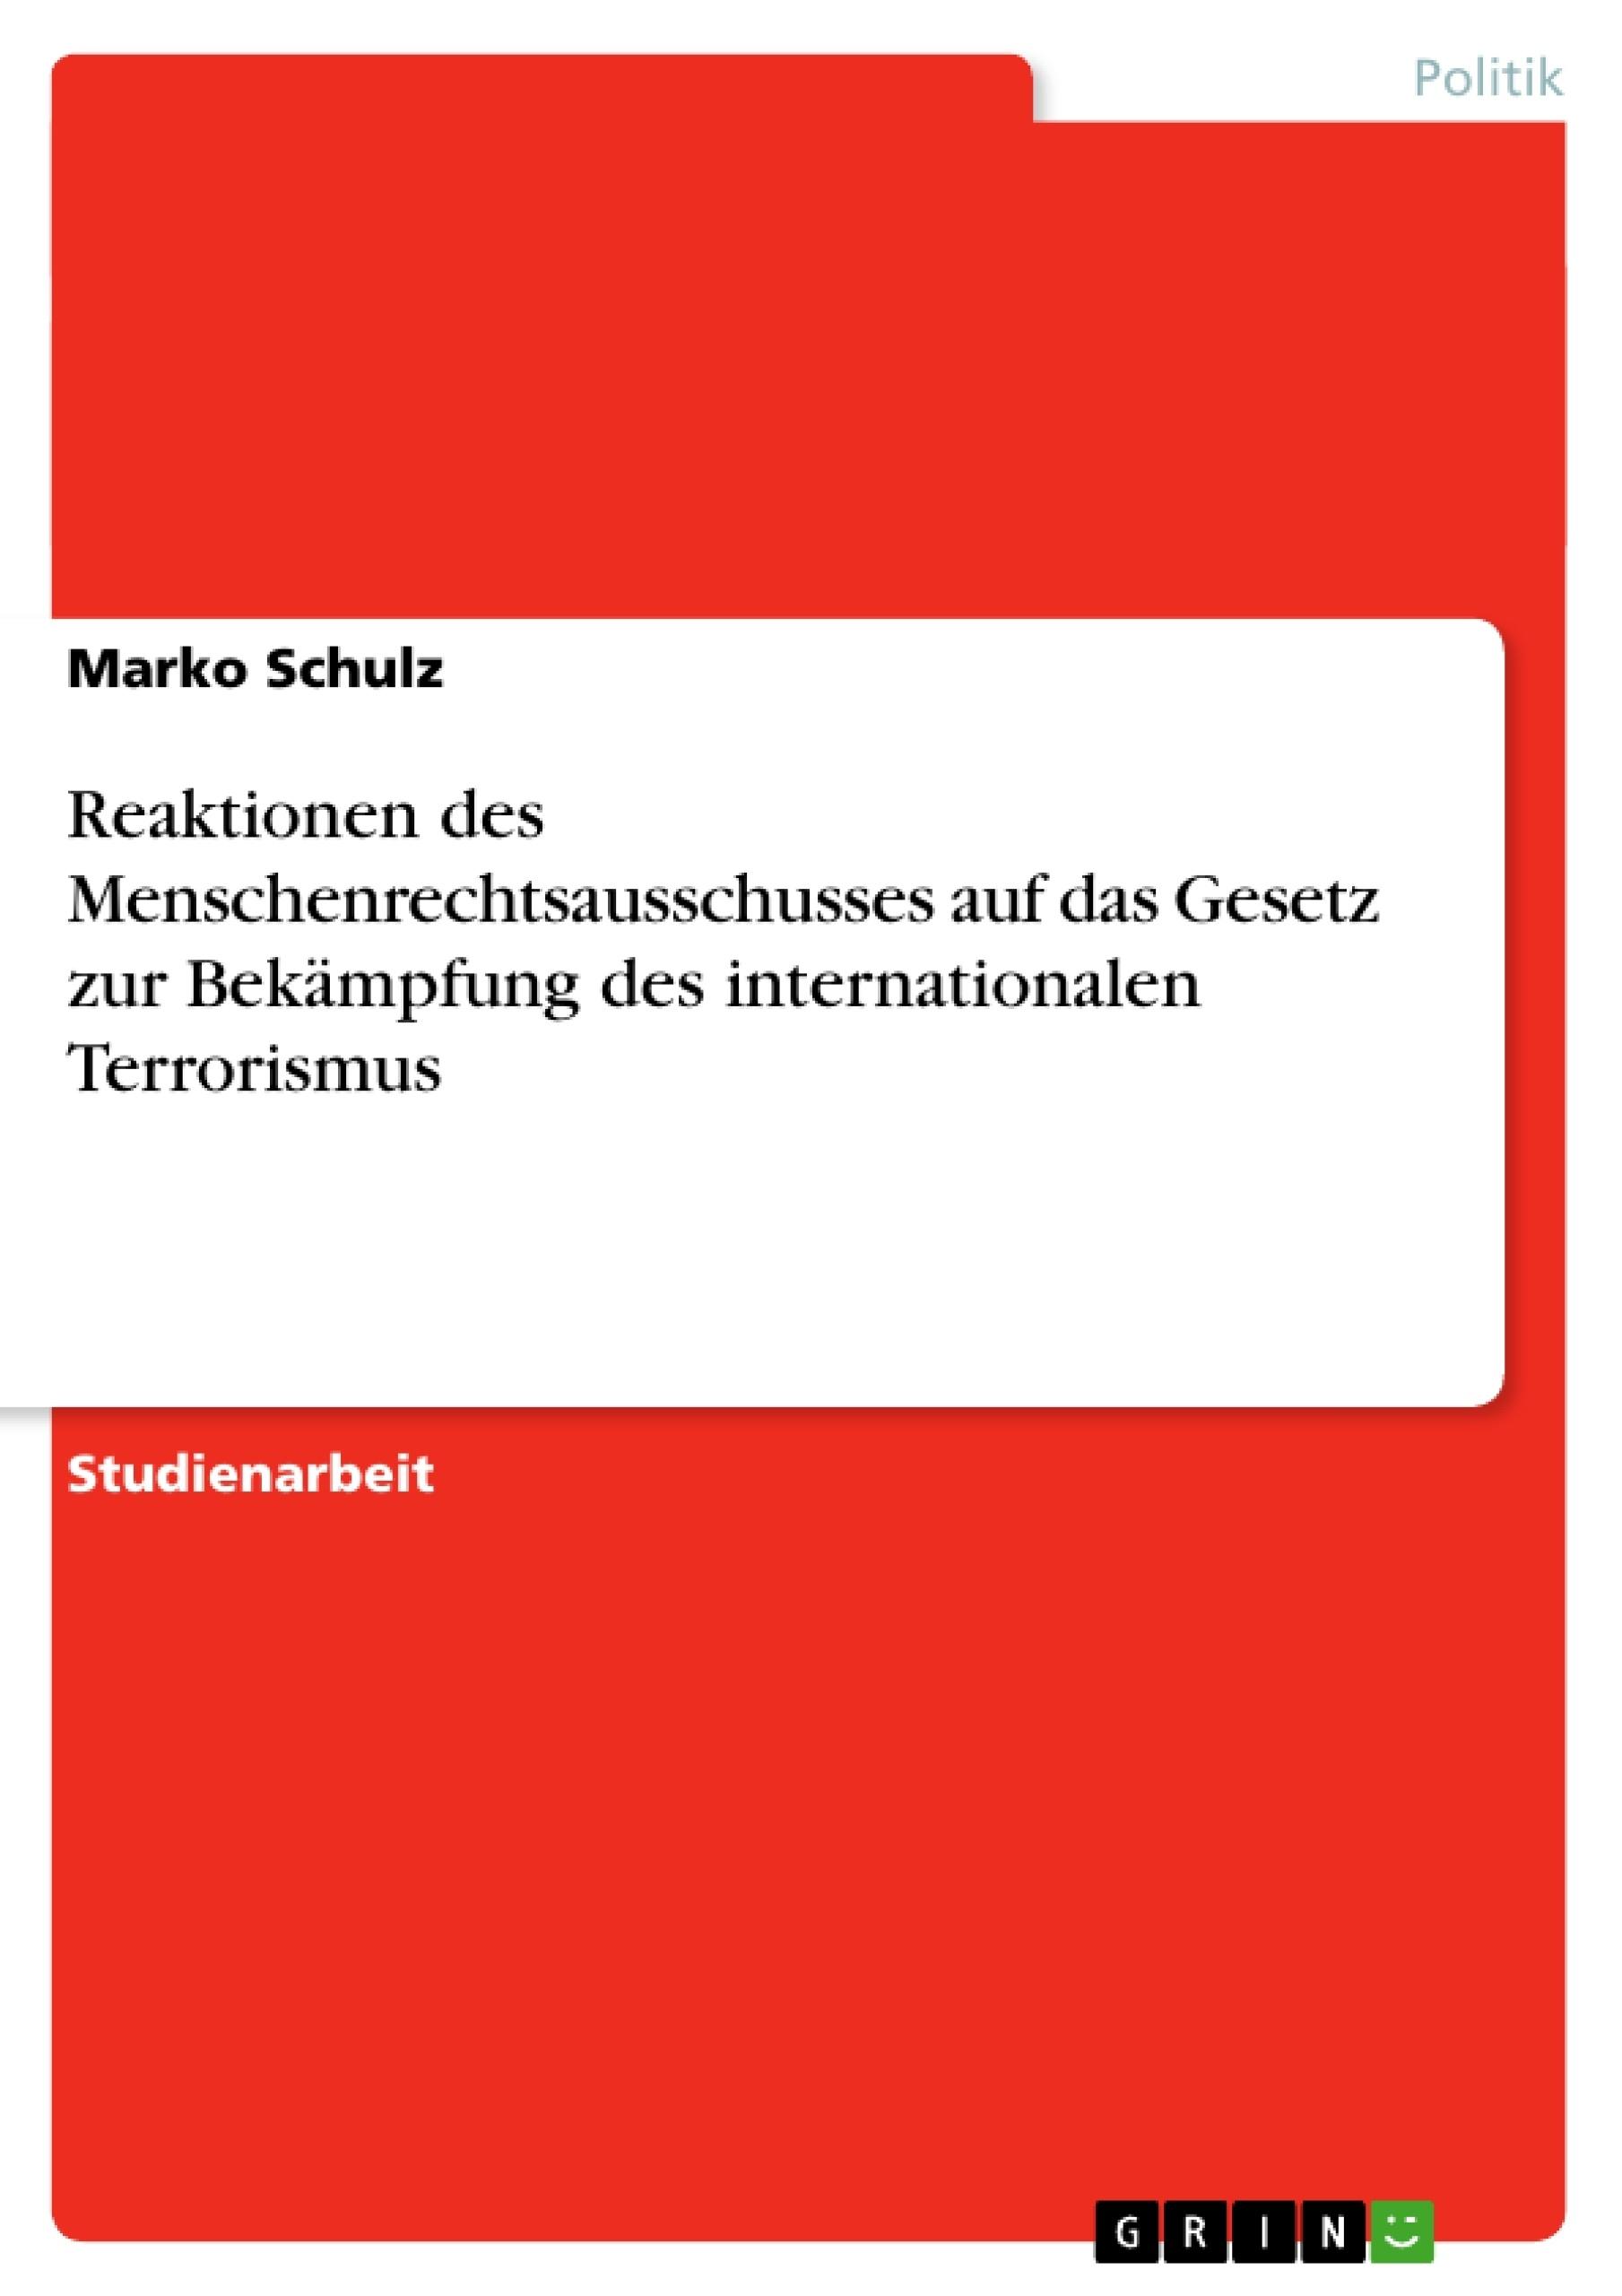 Titel: Reaktionen des Menschenrechtsausschusses auf das Gesetz zur Bekämpfung des internationalen Terrorismus